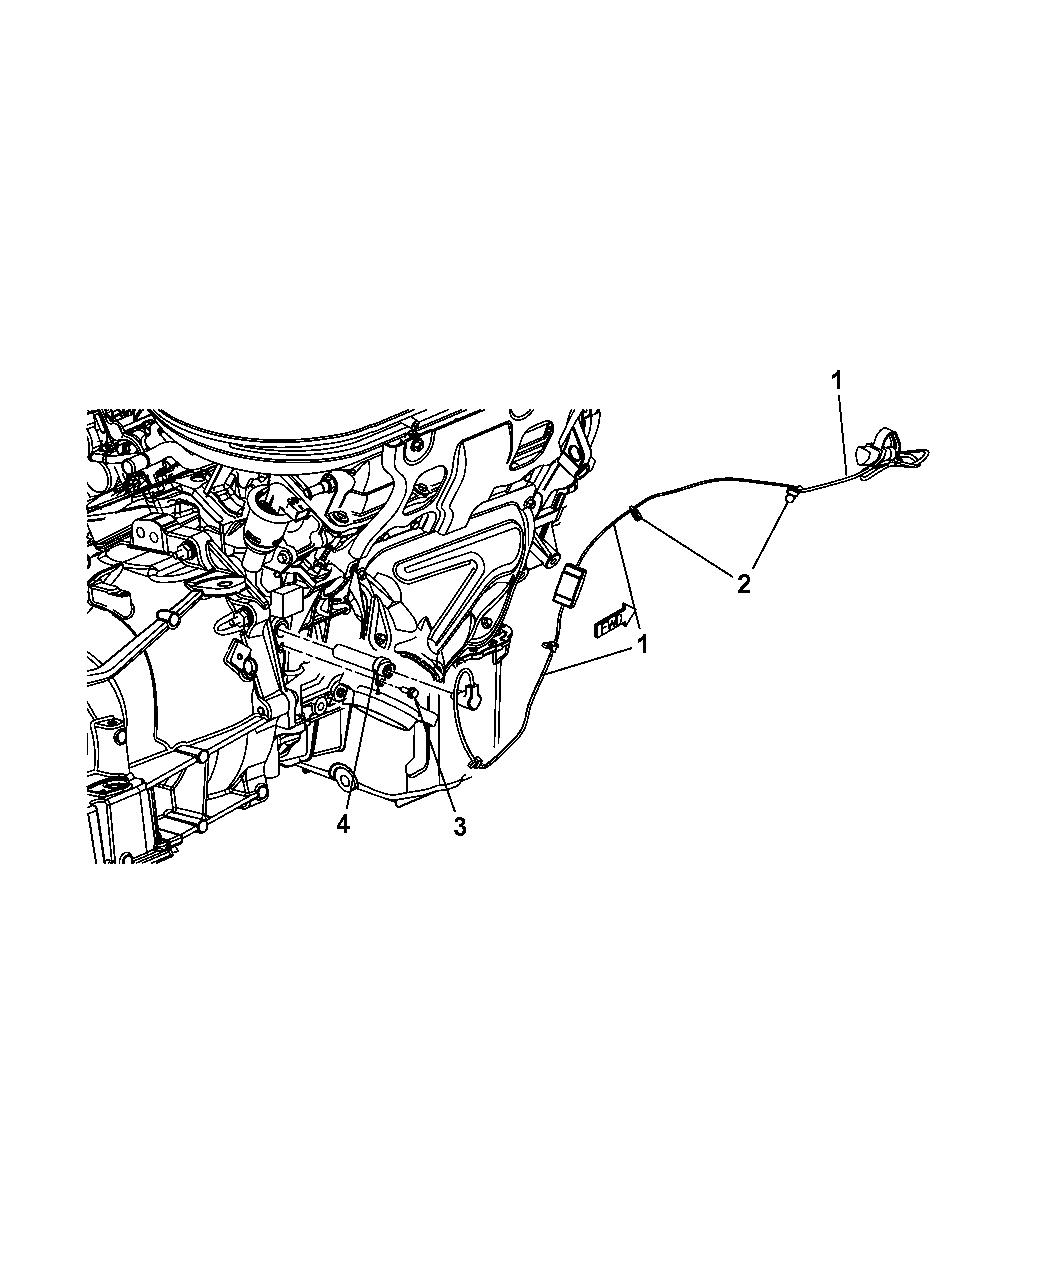 2009 Dodge Journey Engine Cylinder Block Heater Wiring Schematic Thumbnail 2